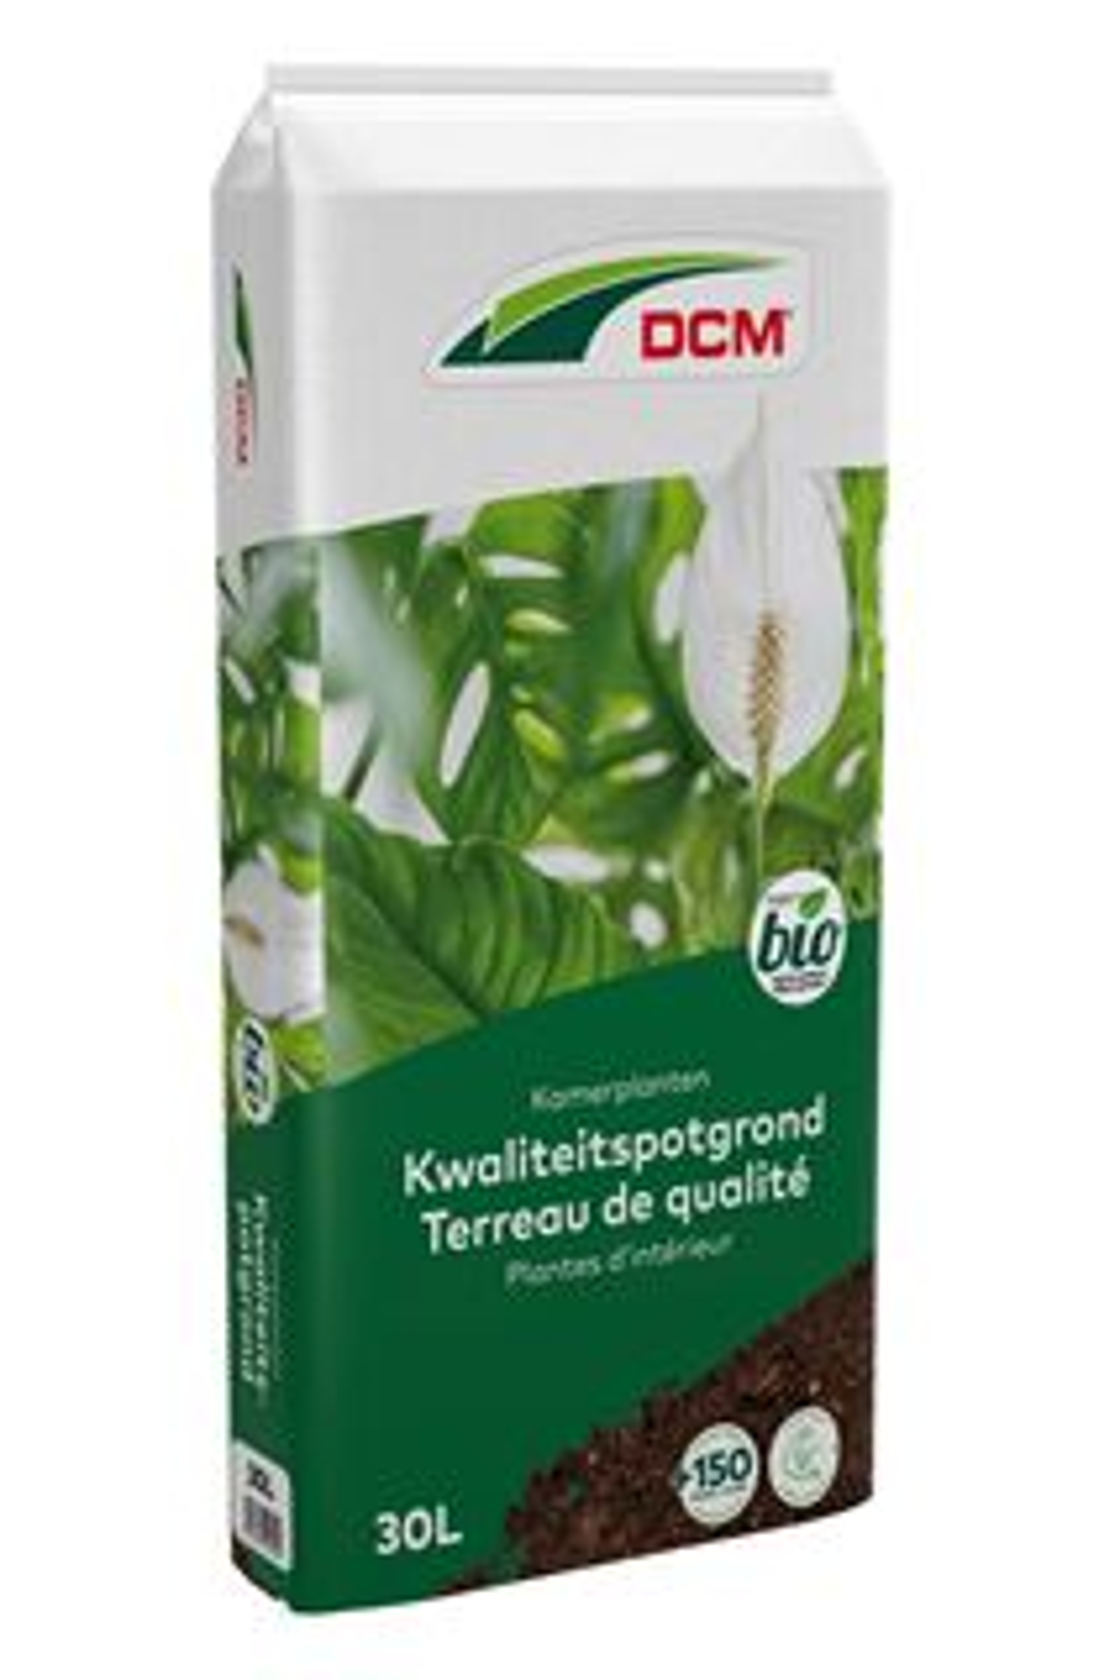 Ecoterra-potgrond-voor-kamerplanten-30L-Bio-inclusief-meststof